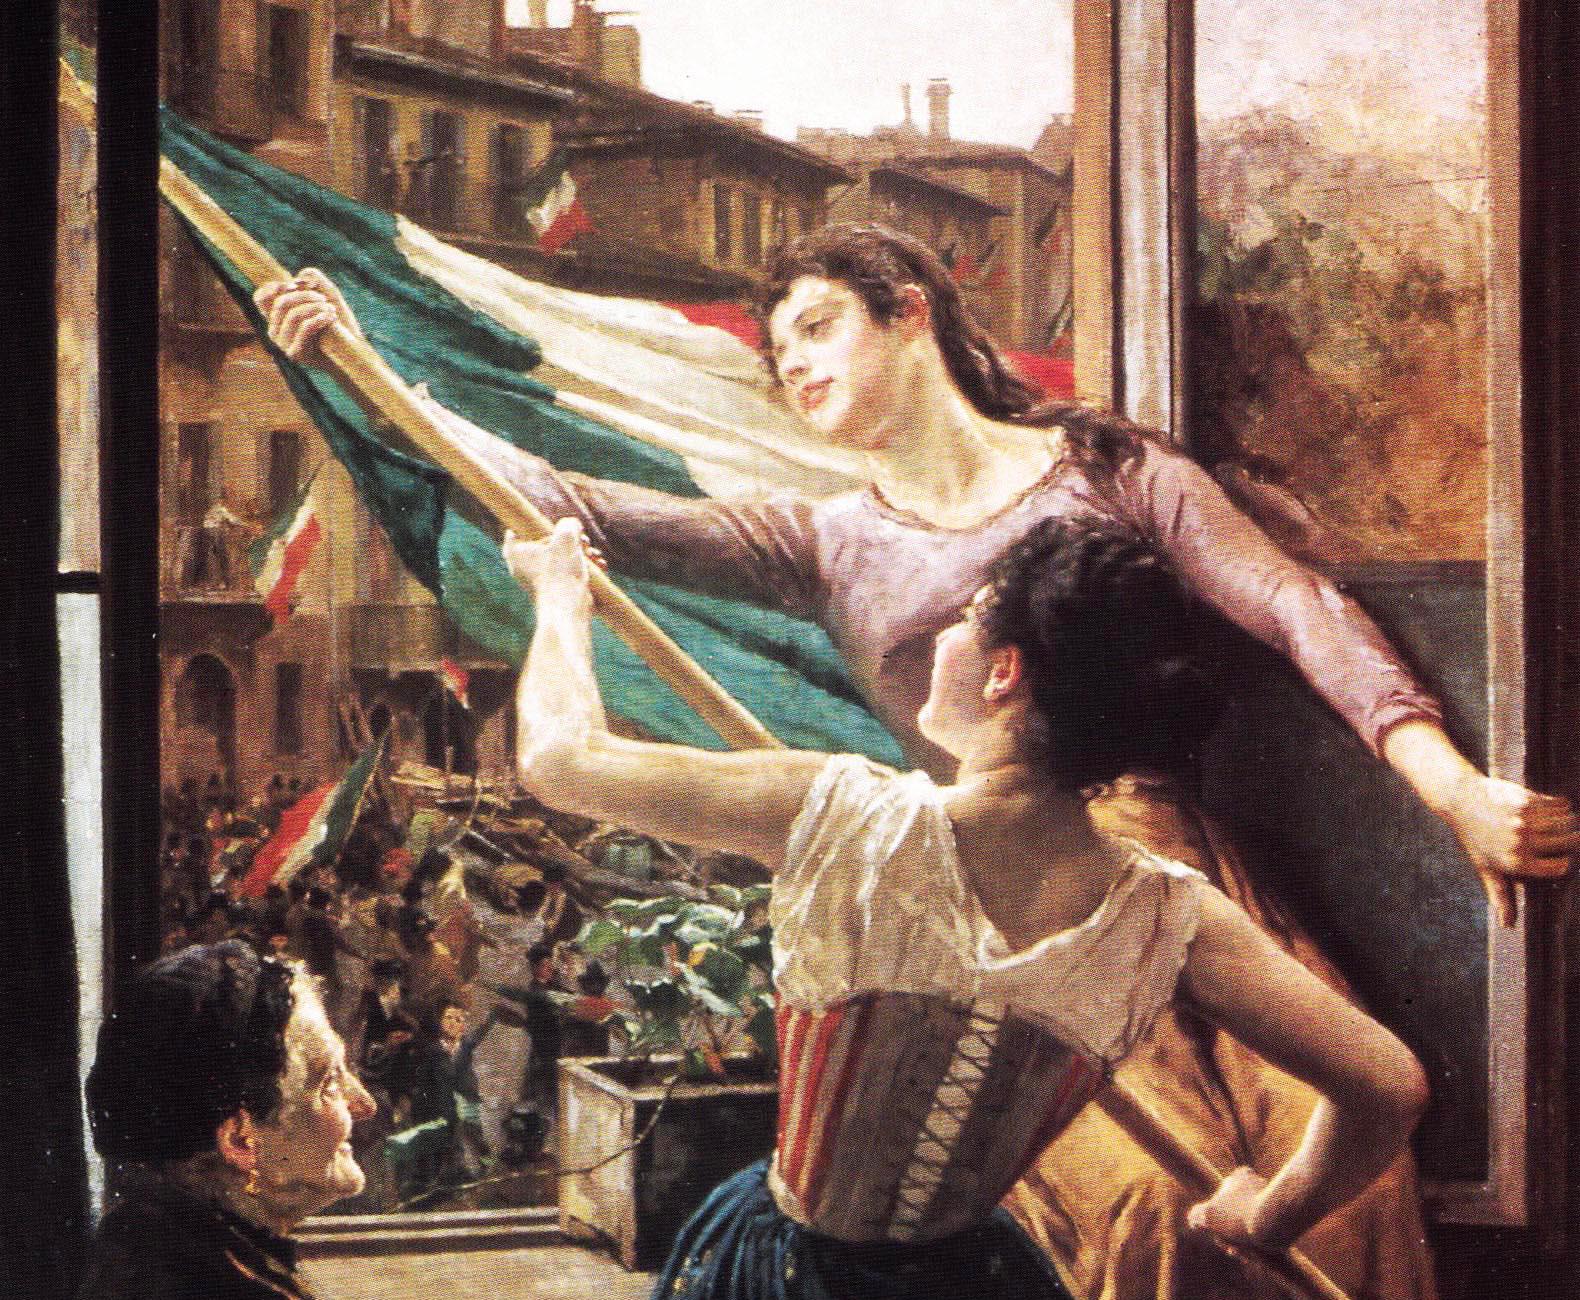 Carlo Stragliati Milano 1868-1925, Episodio delle Cinque Giornate, Milano, Museo del Risorgimento